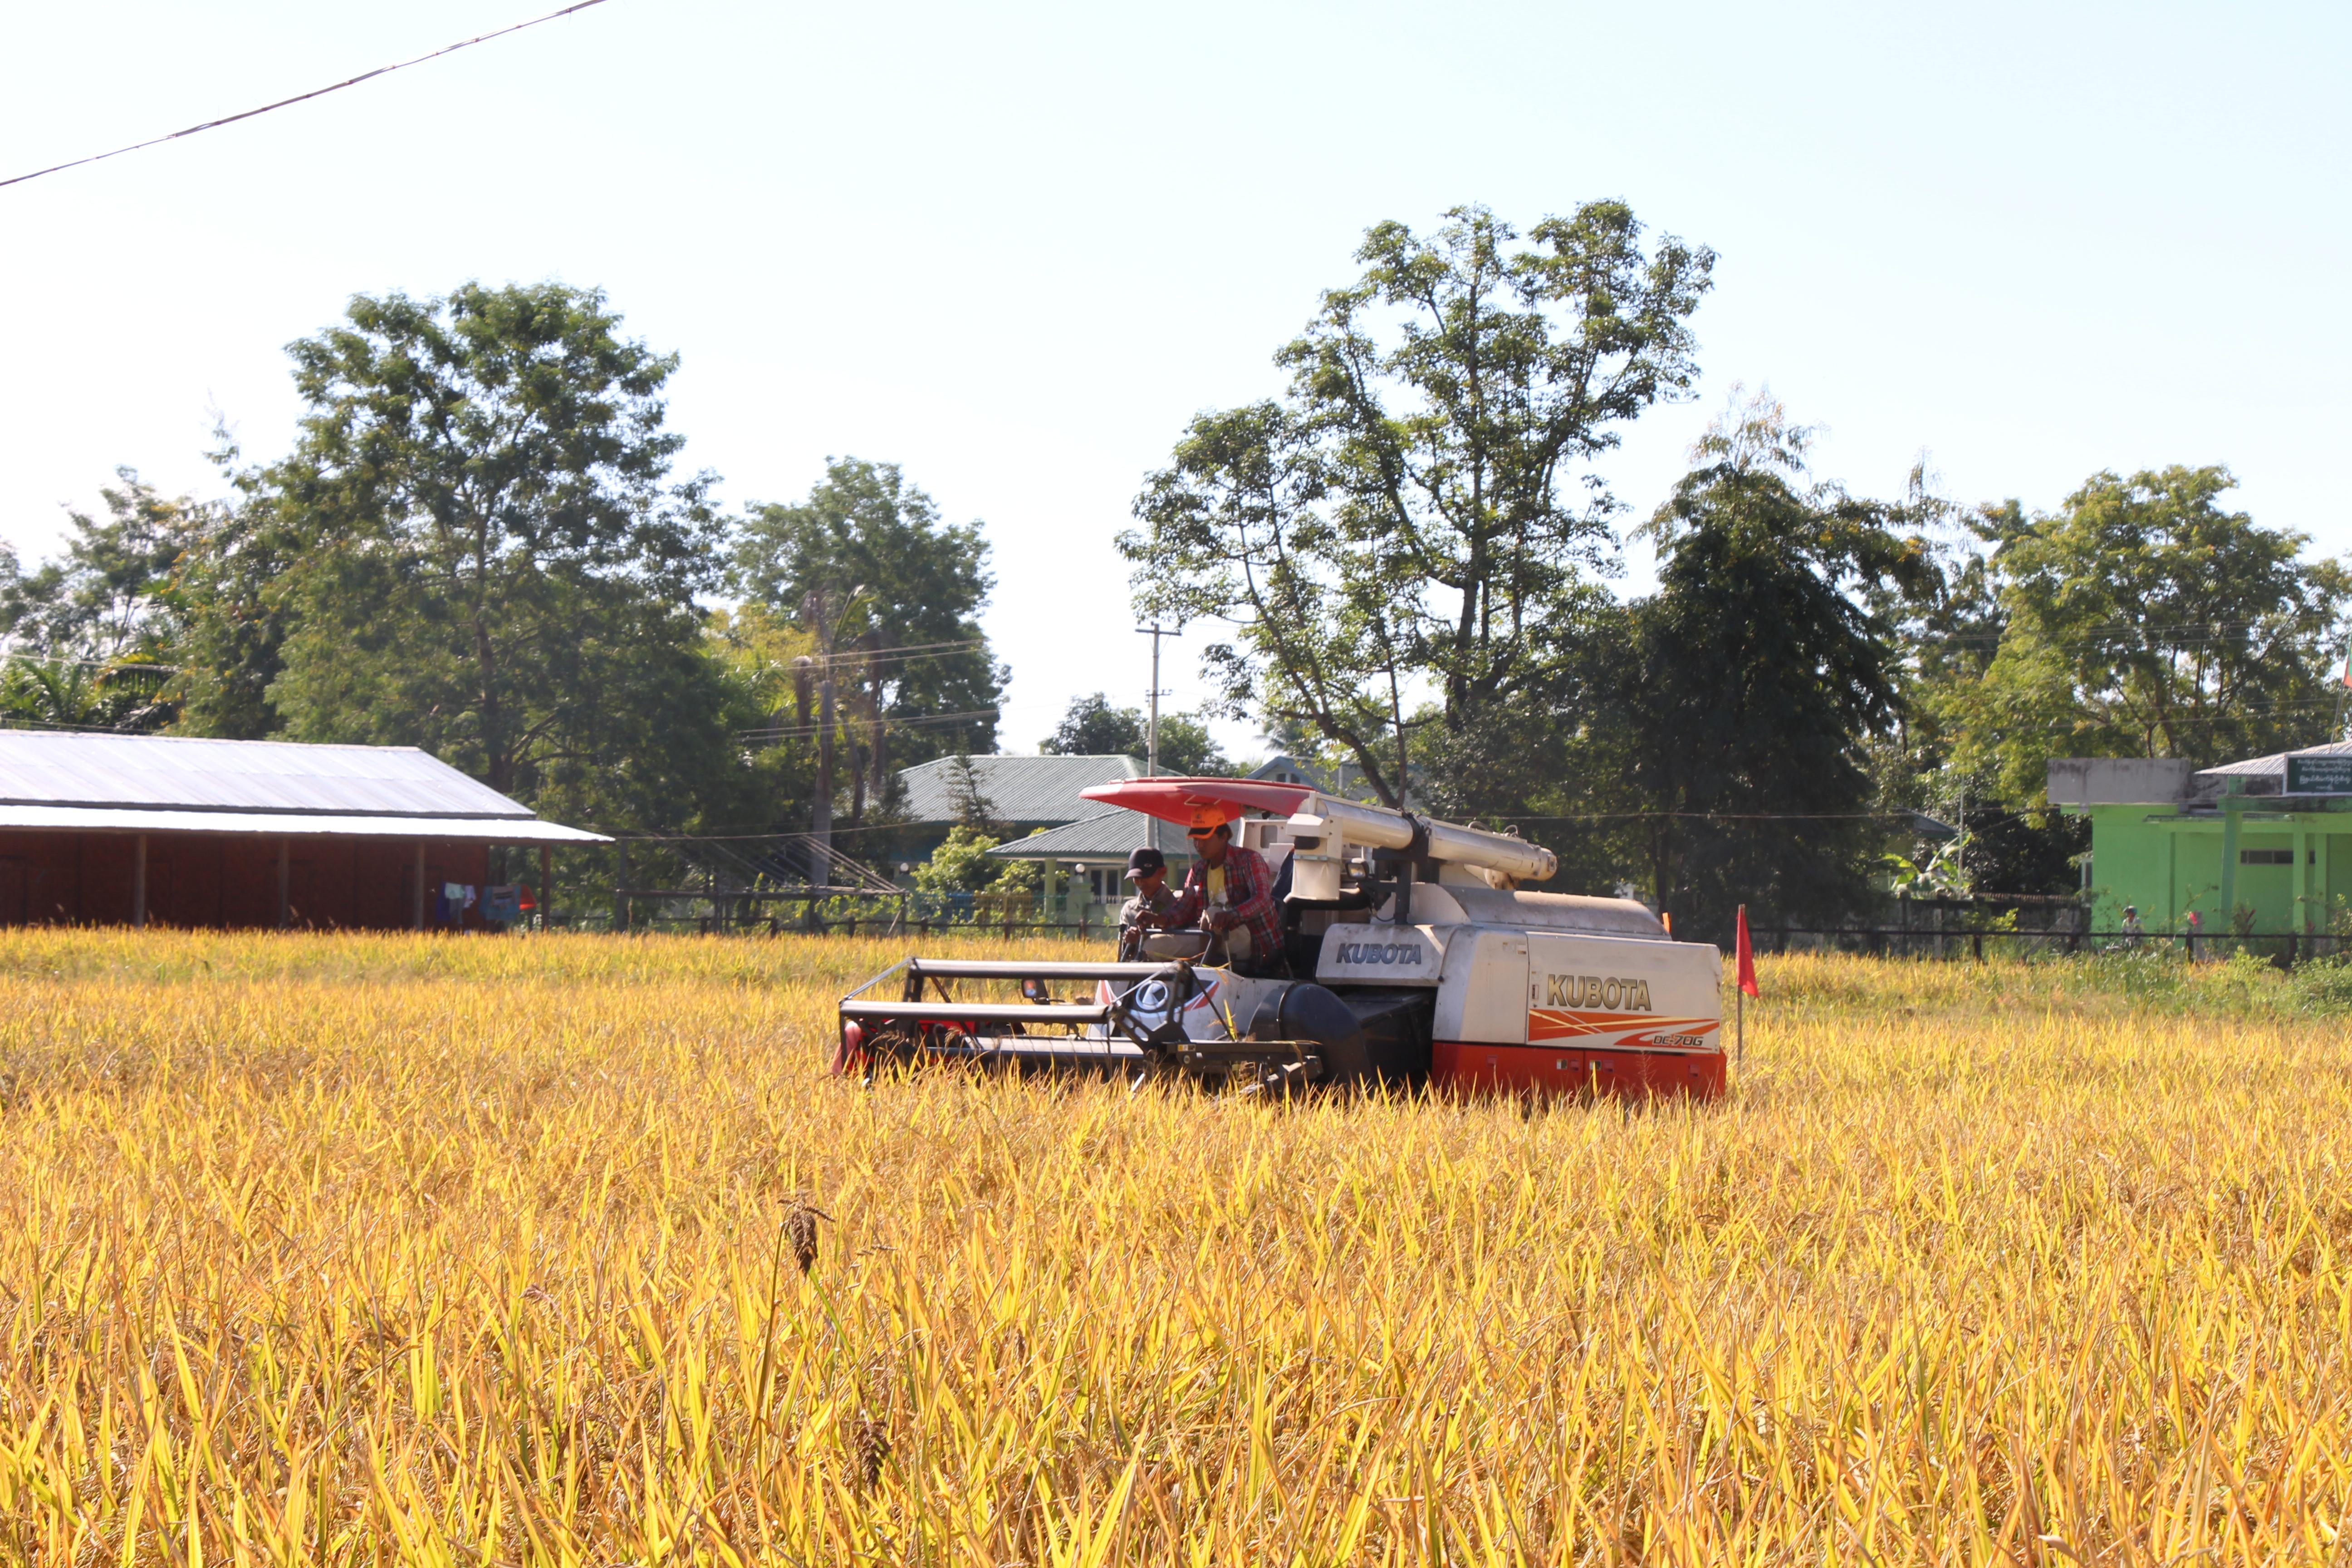 လယ်ယာသုံး စက်ကိရိယာများနှင့် ပတ်သက်ပြီး တိုင်ကြားမှုများရှိသဖြင့် လုပ်ငန်းရှင်များနှင့် တွေ့ဆုံဆွေးနွေးမည်